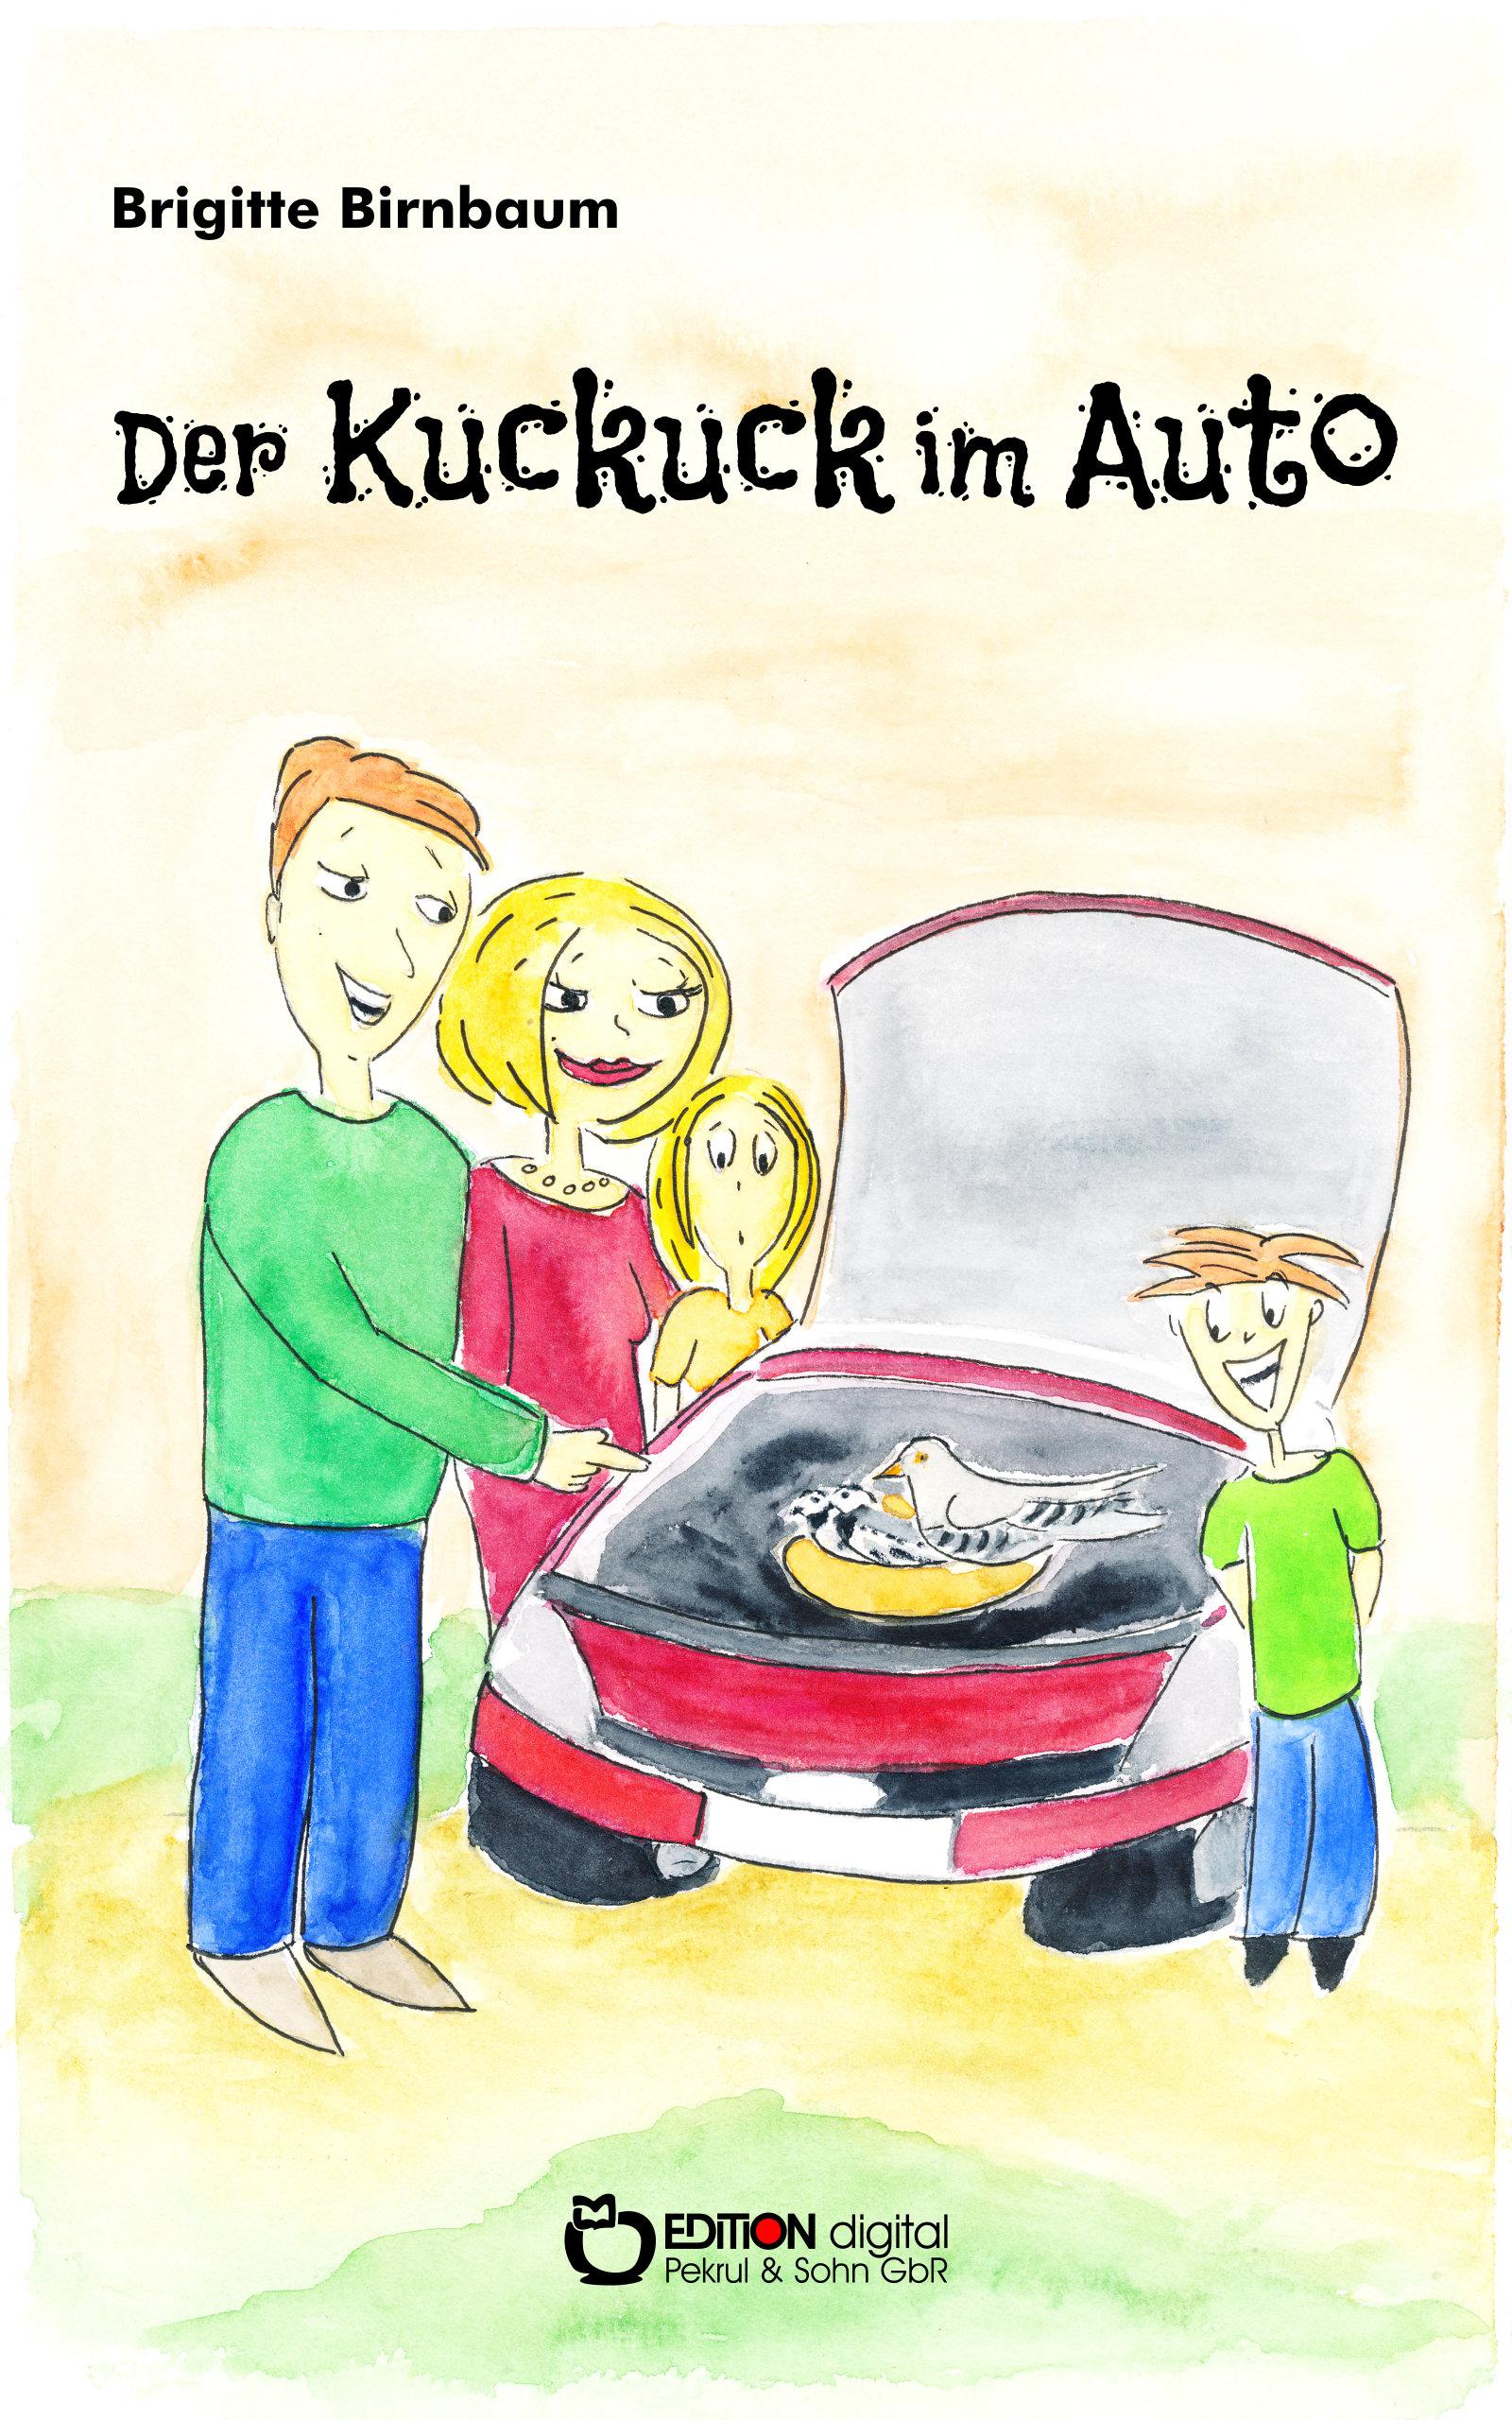 Der Kuckuck im Auto von Brigitte Birnbaum, Tina Halm